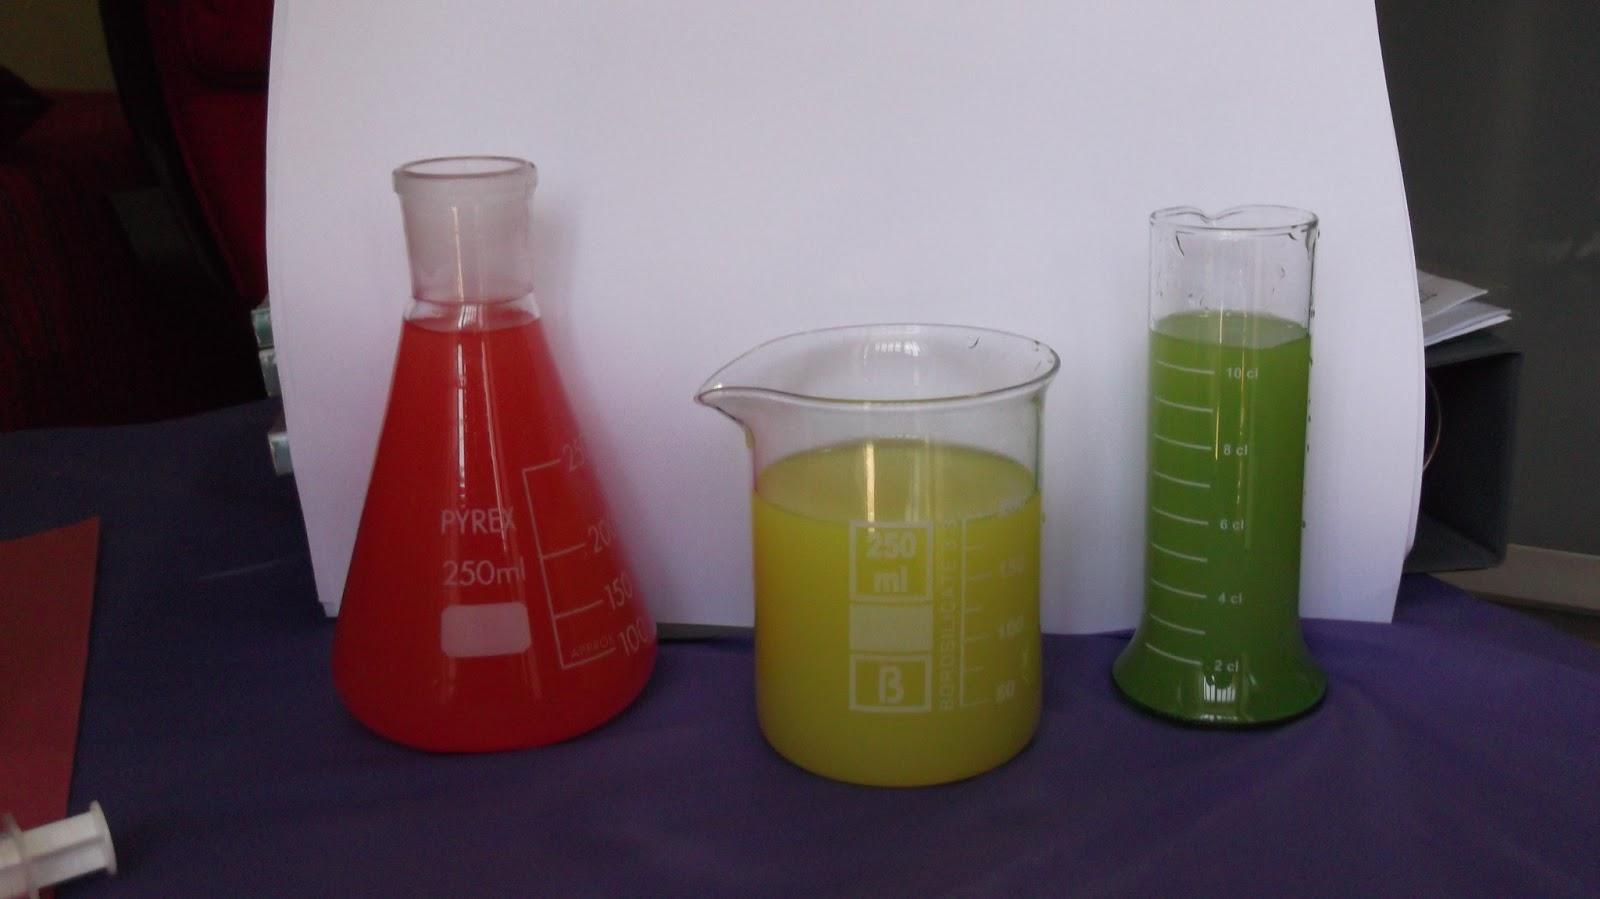 Esperimenti smfn sensibilit e portata di uno strumento - Cos e la portata di uno strumento di misura ...